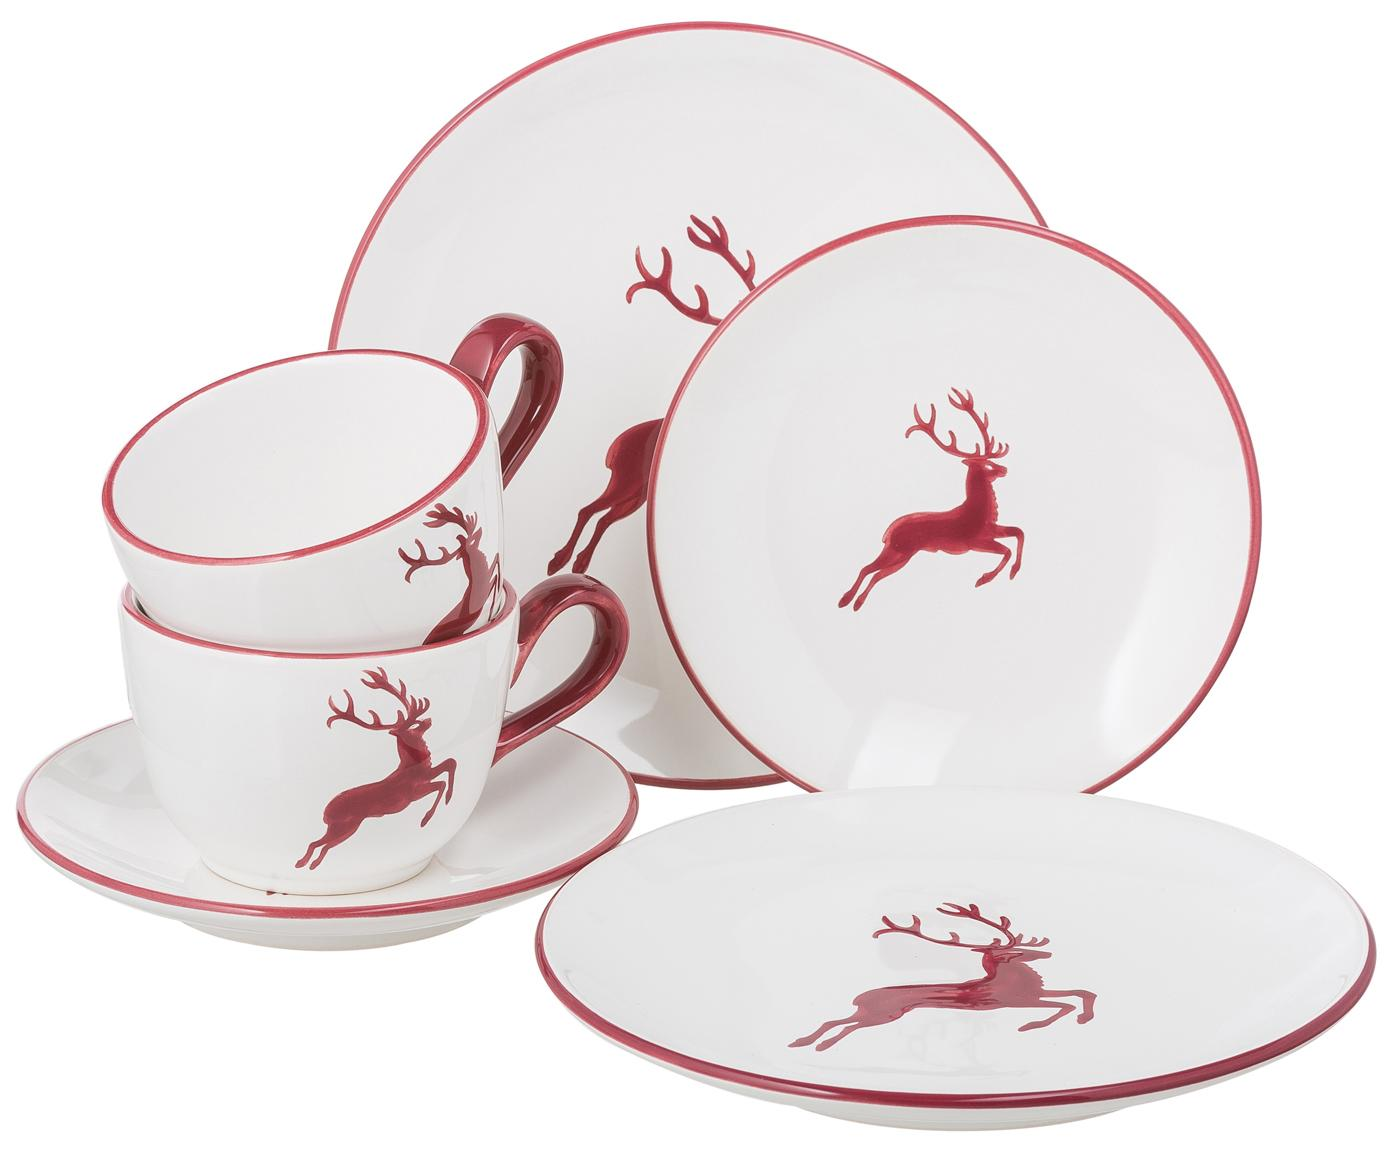 Koffieservies Classic Rode Hert, 2 personen (6-delig), Keramiek, Bordeauxrood, wit, Verschillende formaten